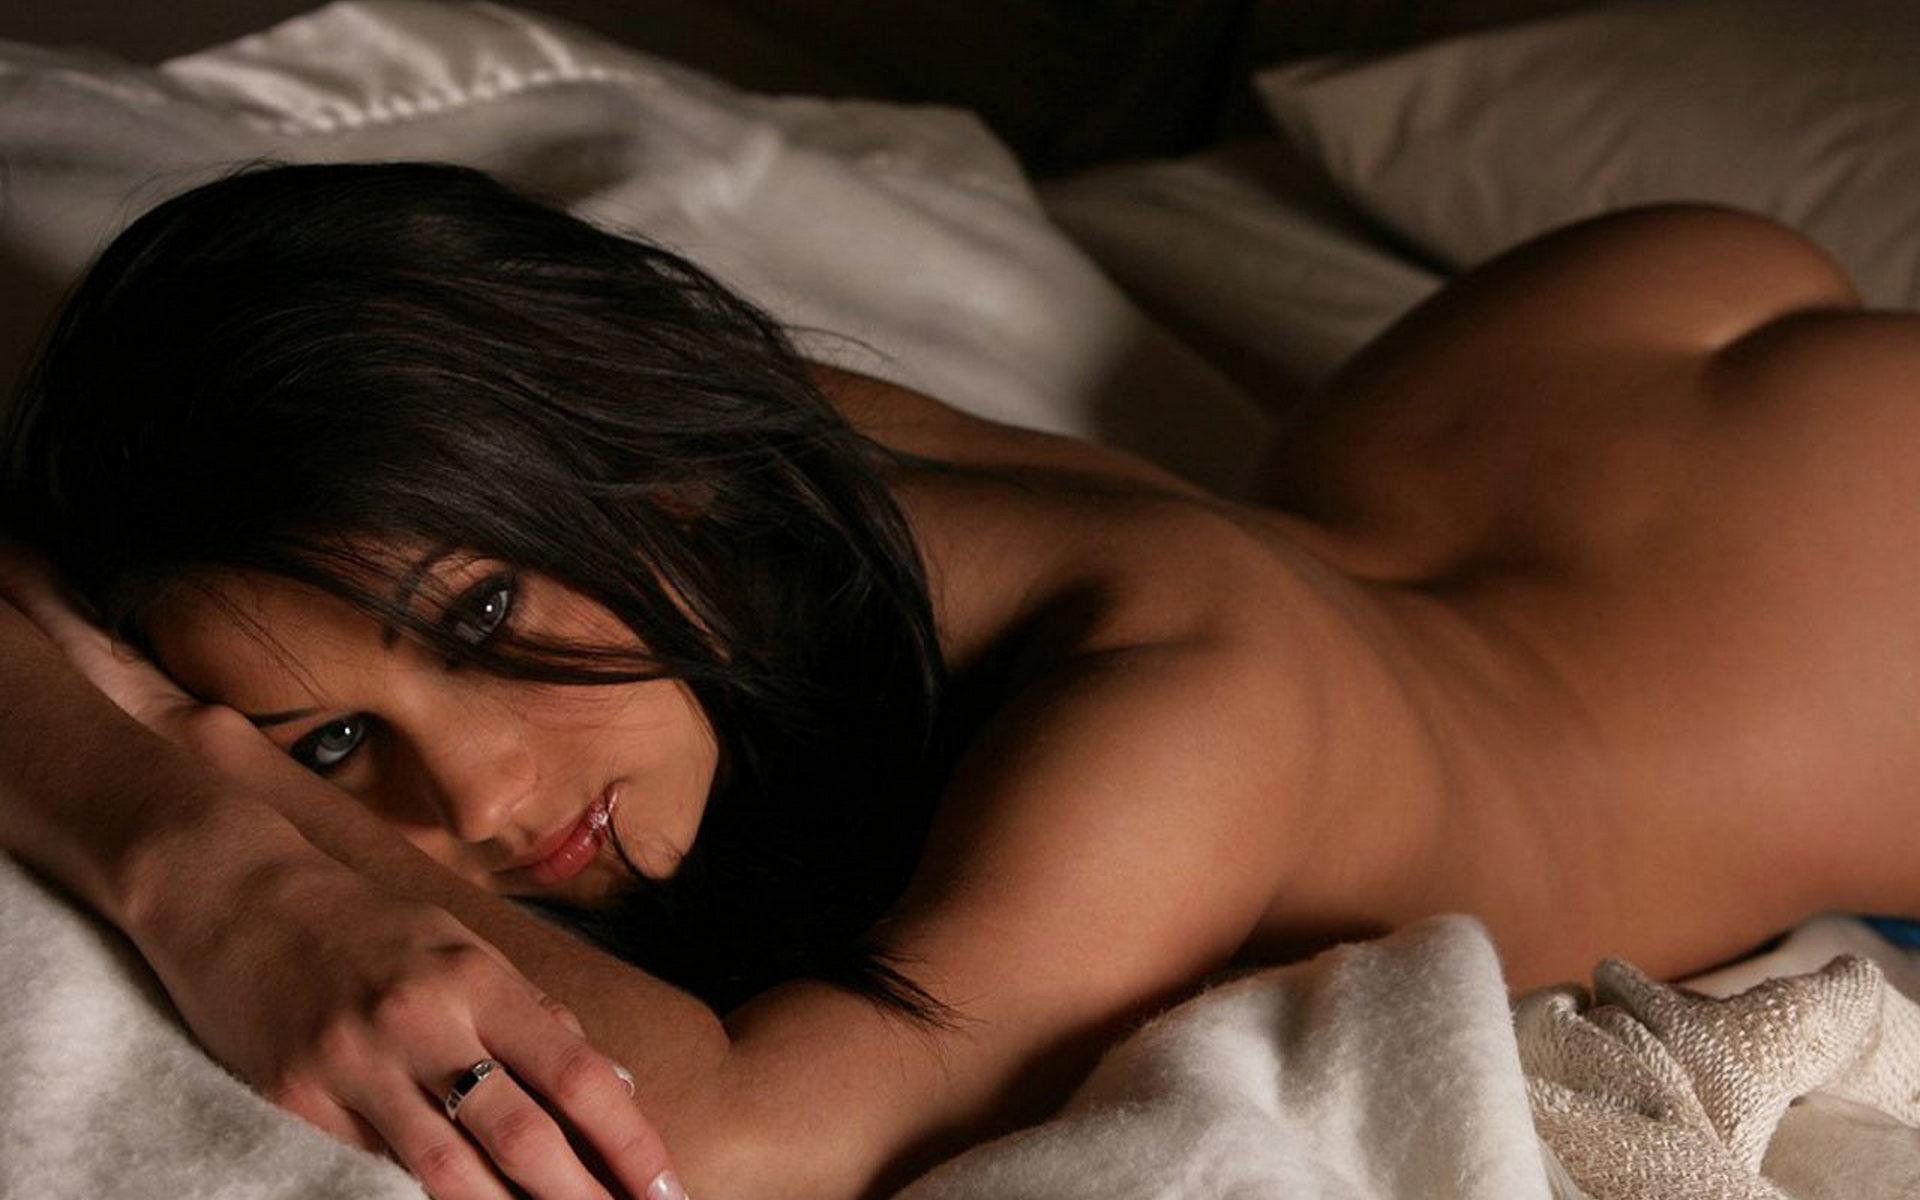 как обычно, видео сексуальные женщины в постели только женщины наших инцест